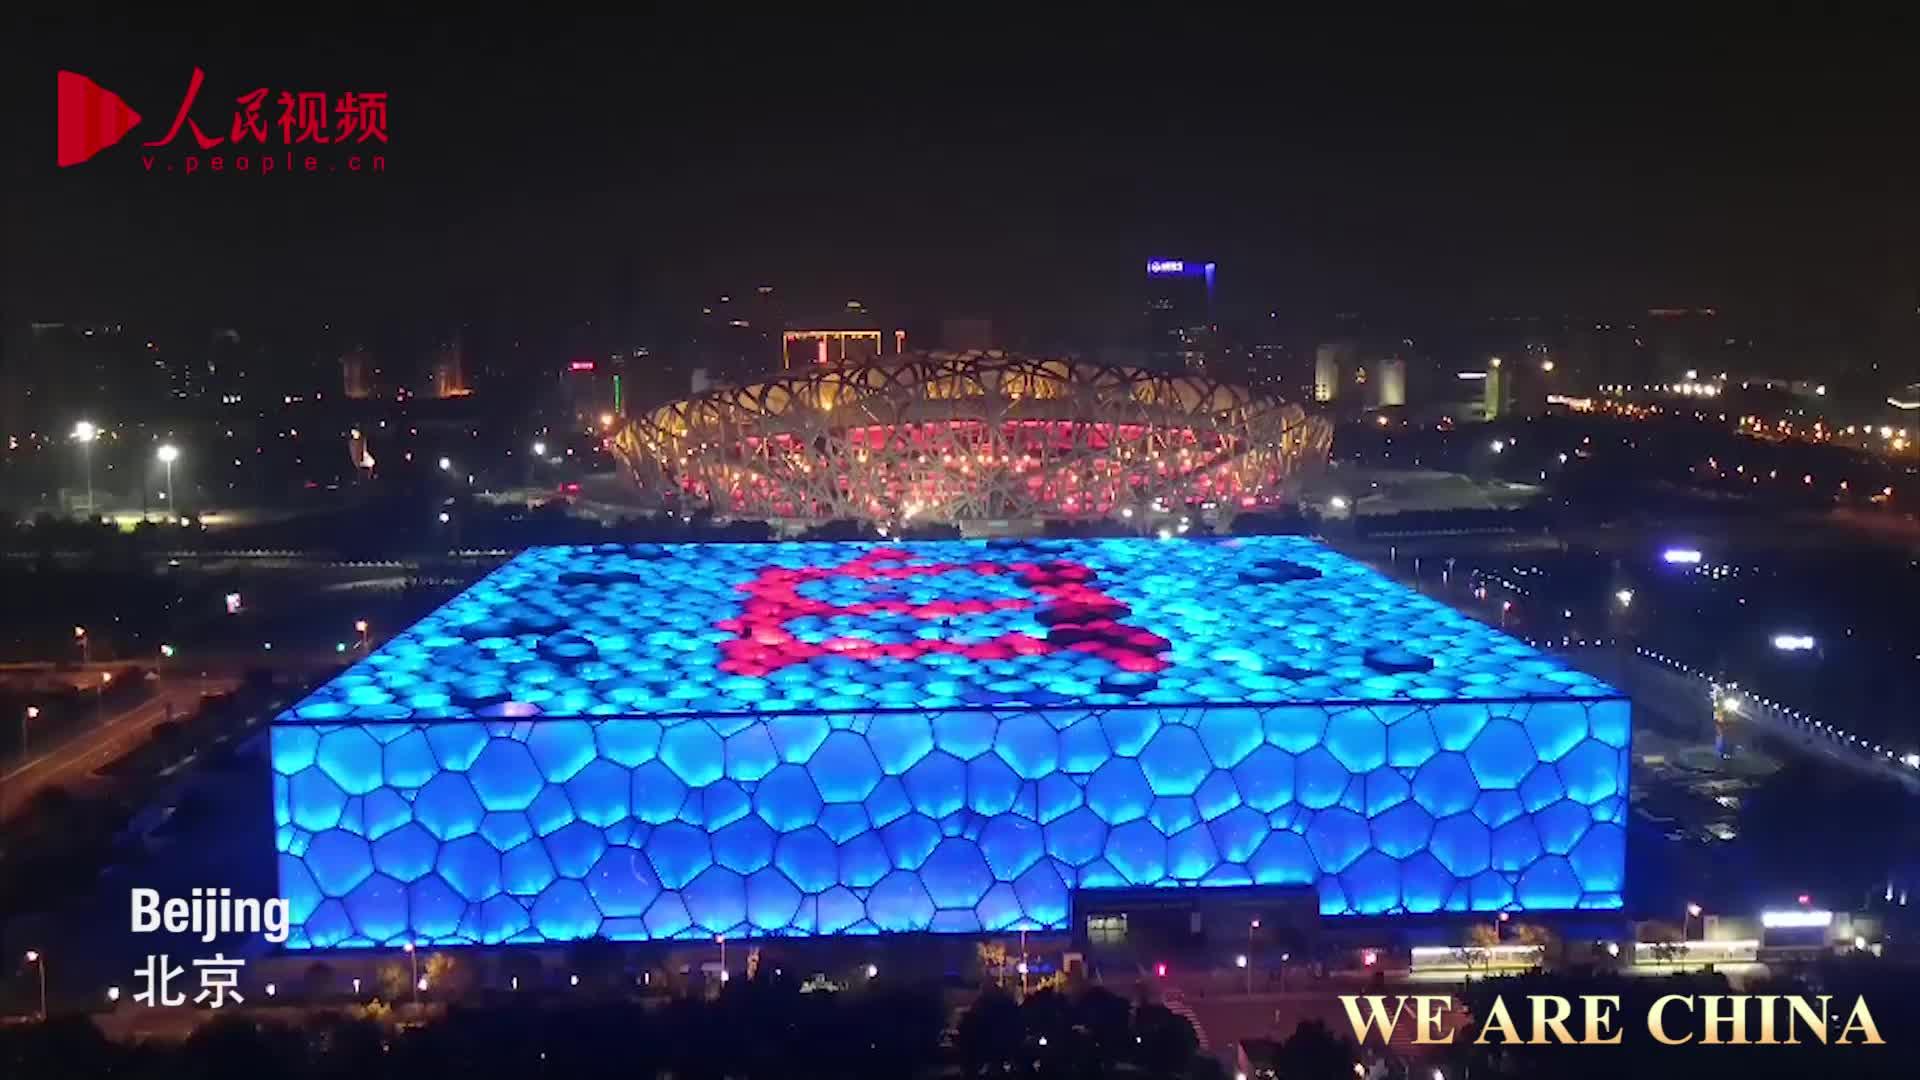 В 48 городах Китая прошло световое шоу, посвященное 70-летию образования КНР